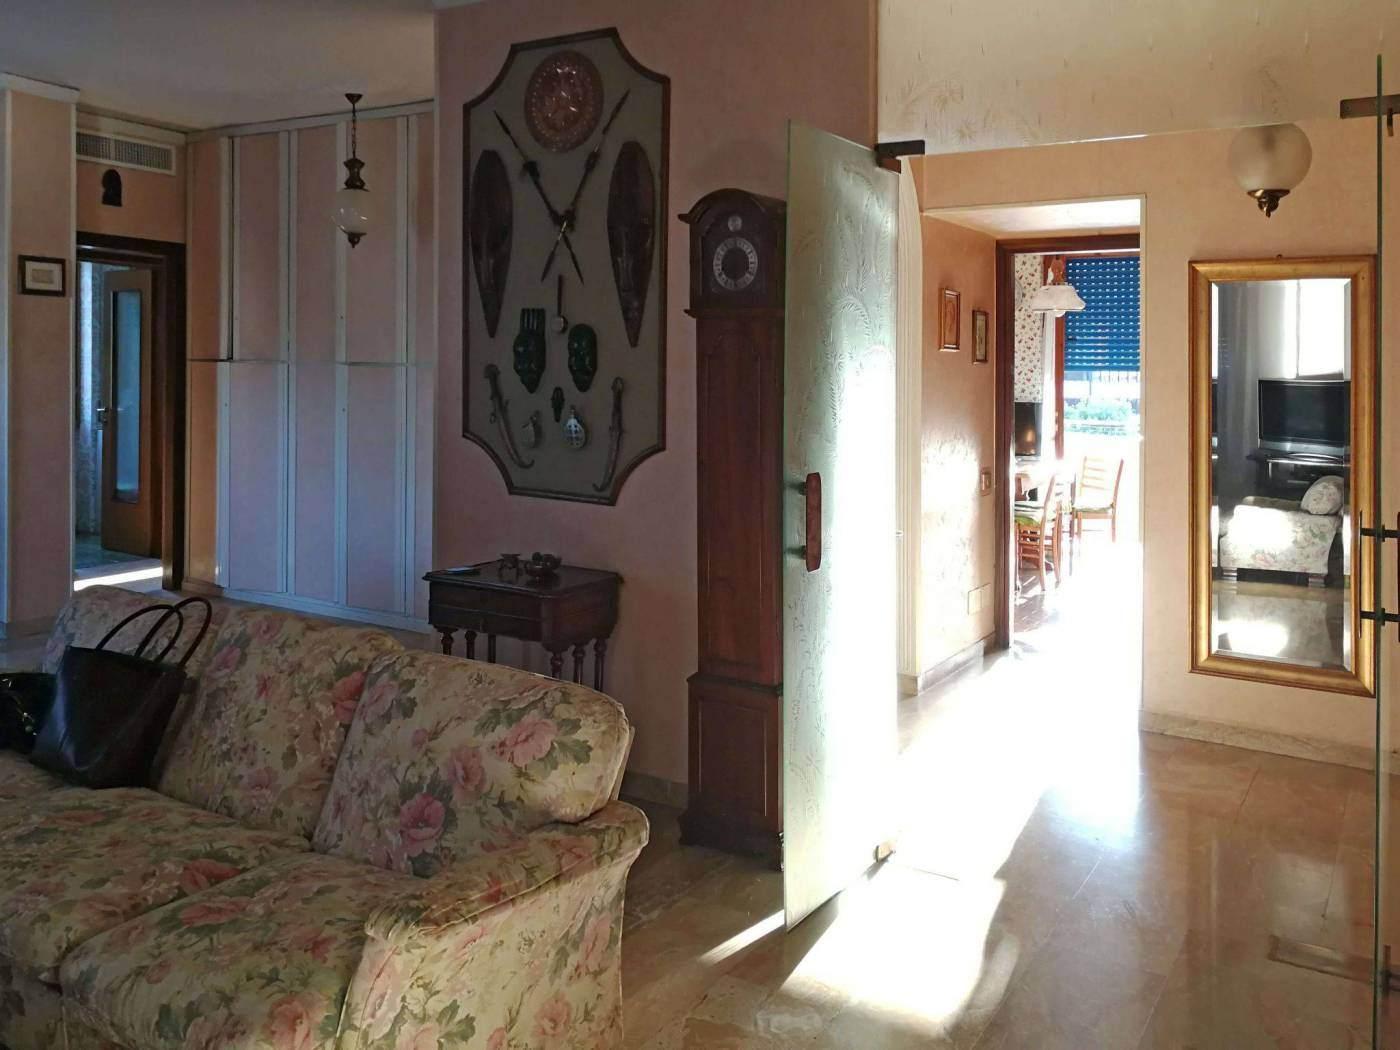 appartamento-in-vendita-milano-baggio-san-siro-forze-armate-quadrilocale-4-locali-quattro-spaziourbano-immobiliare-vende-4